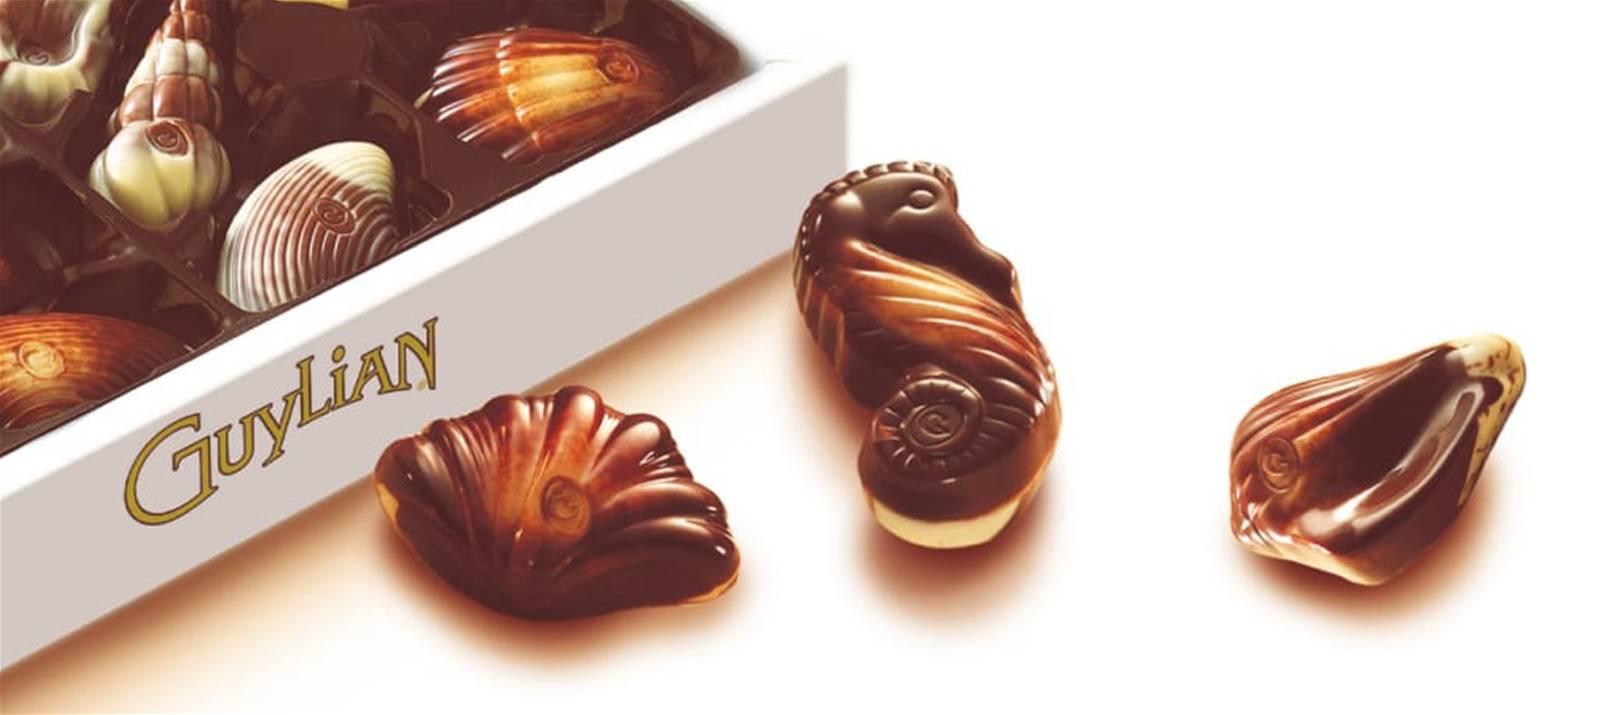 Guylian Chocolate Brand